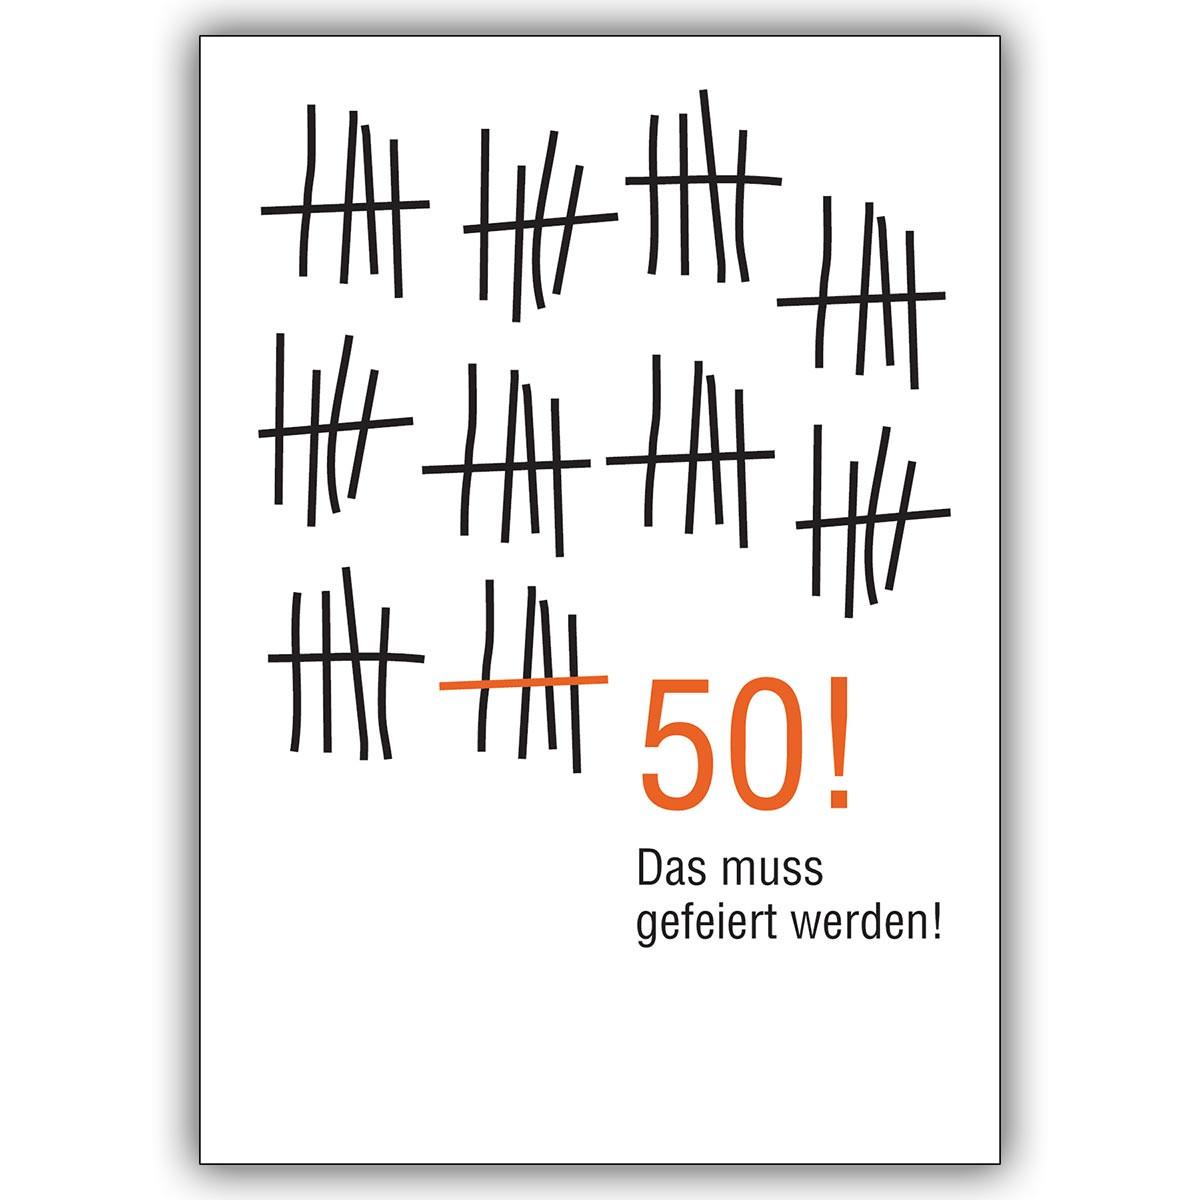 Geburtstagskarten Zum 50  Geburtstagskarte zum 50 Geburtstag im Strich Listen Look